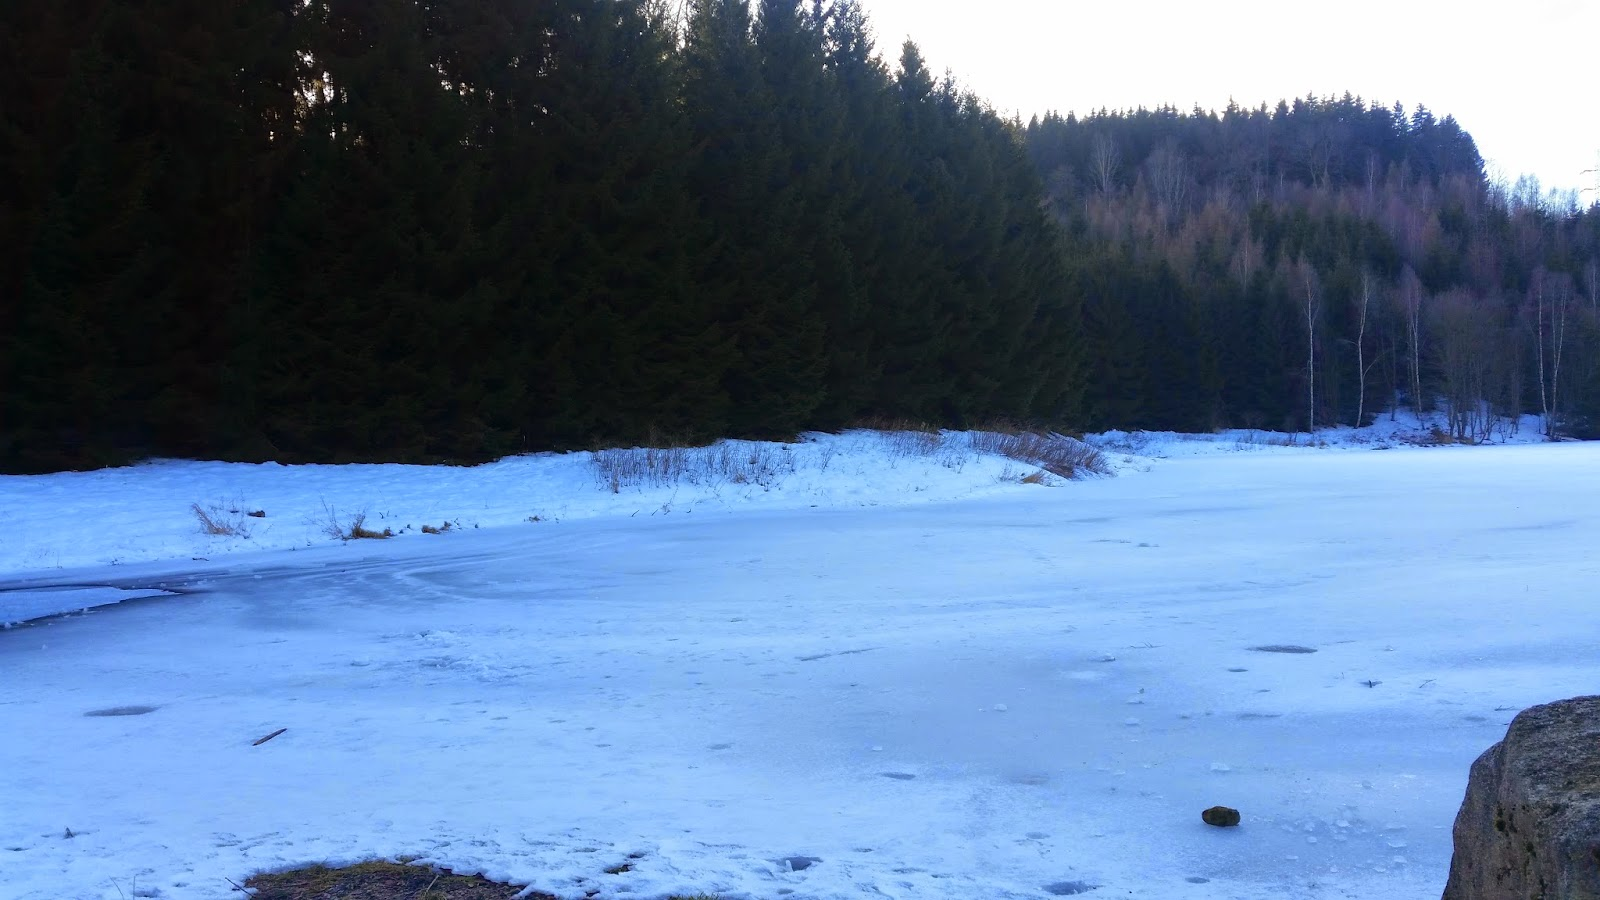 Laufen bei Frost, gefrorene Talsperrre